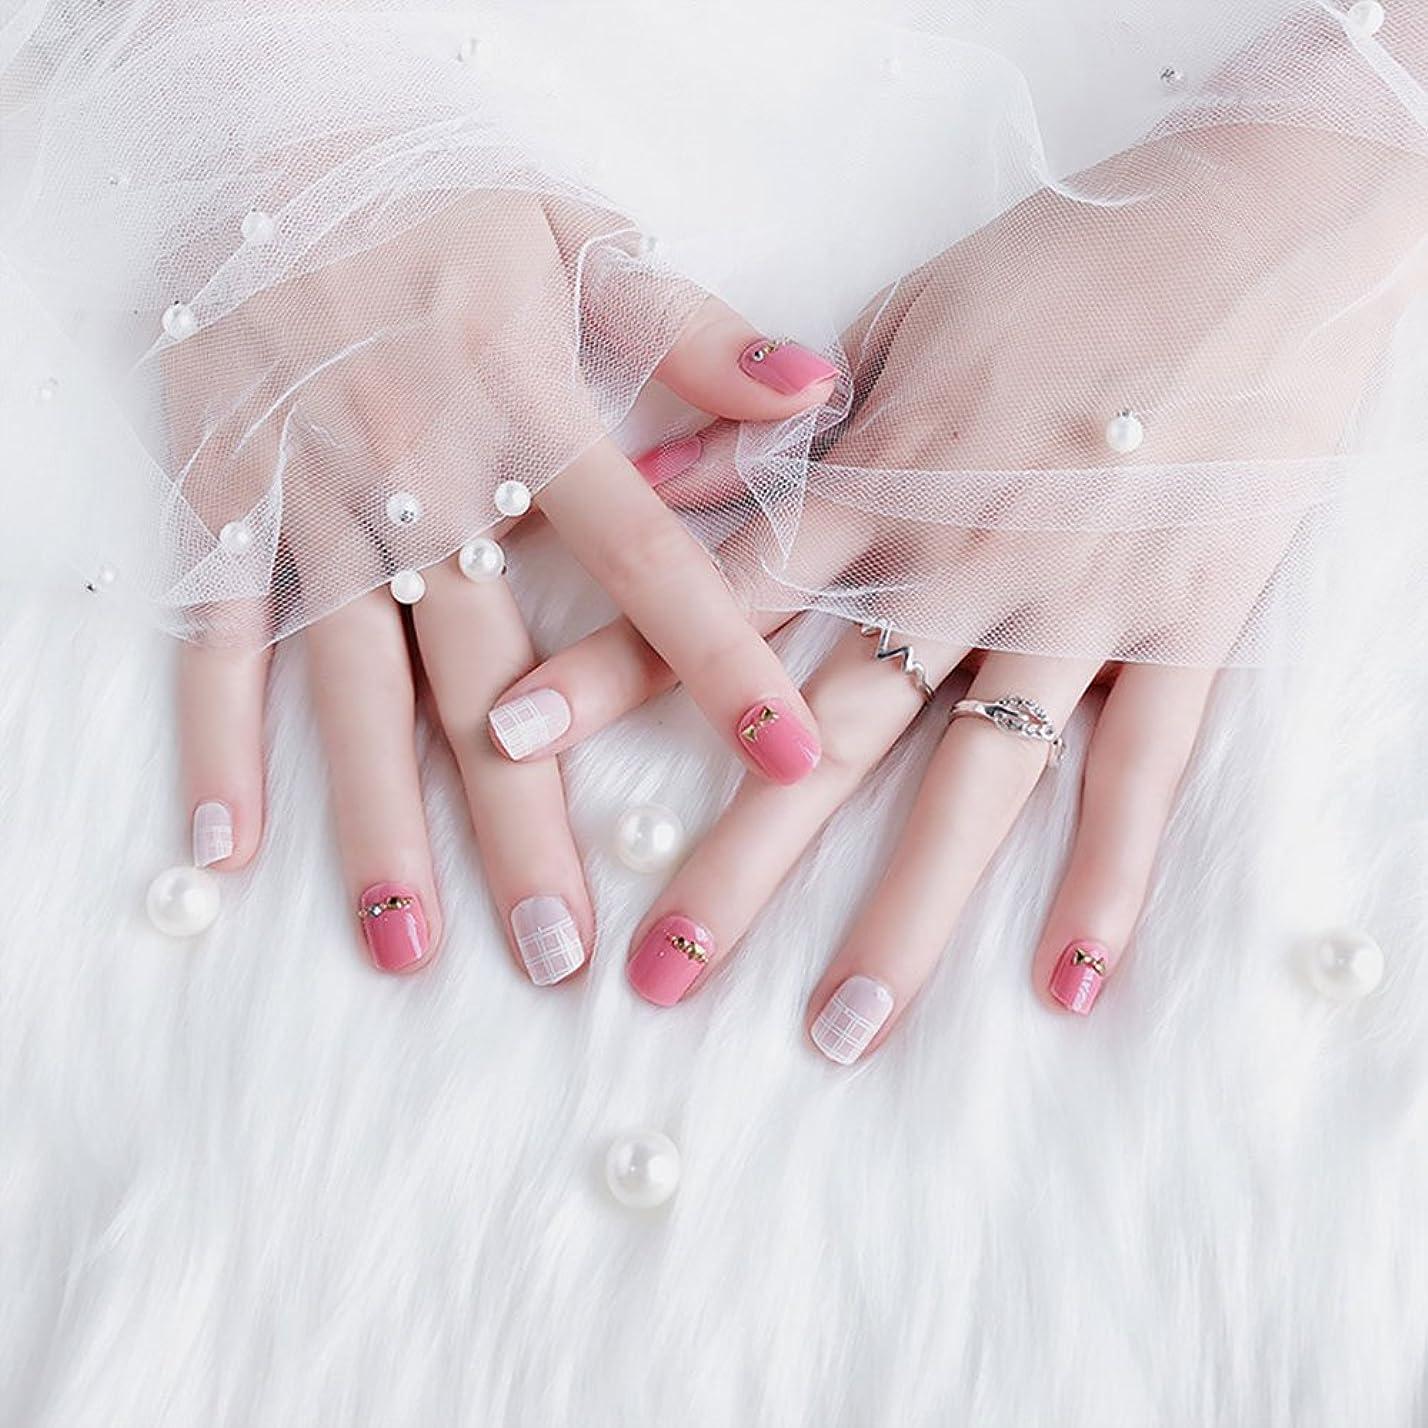 ファセット長いですスキムおしゃれなネイルチップ 短いさネイルチップ 複数のスタイル 24枚入 結婚式、パーティー、二次会などに ネイルアート 手作りネイルチップ 両面接着テープ付き (ピンク)